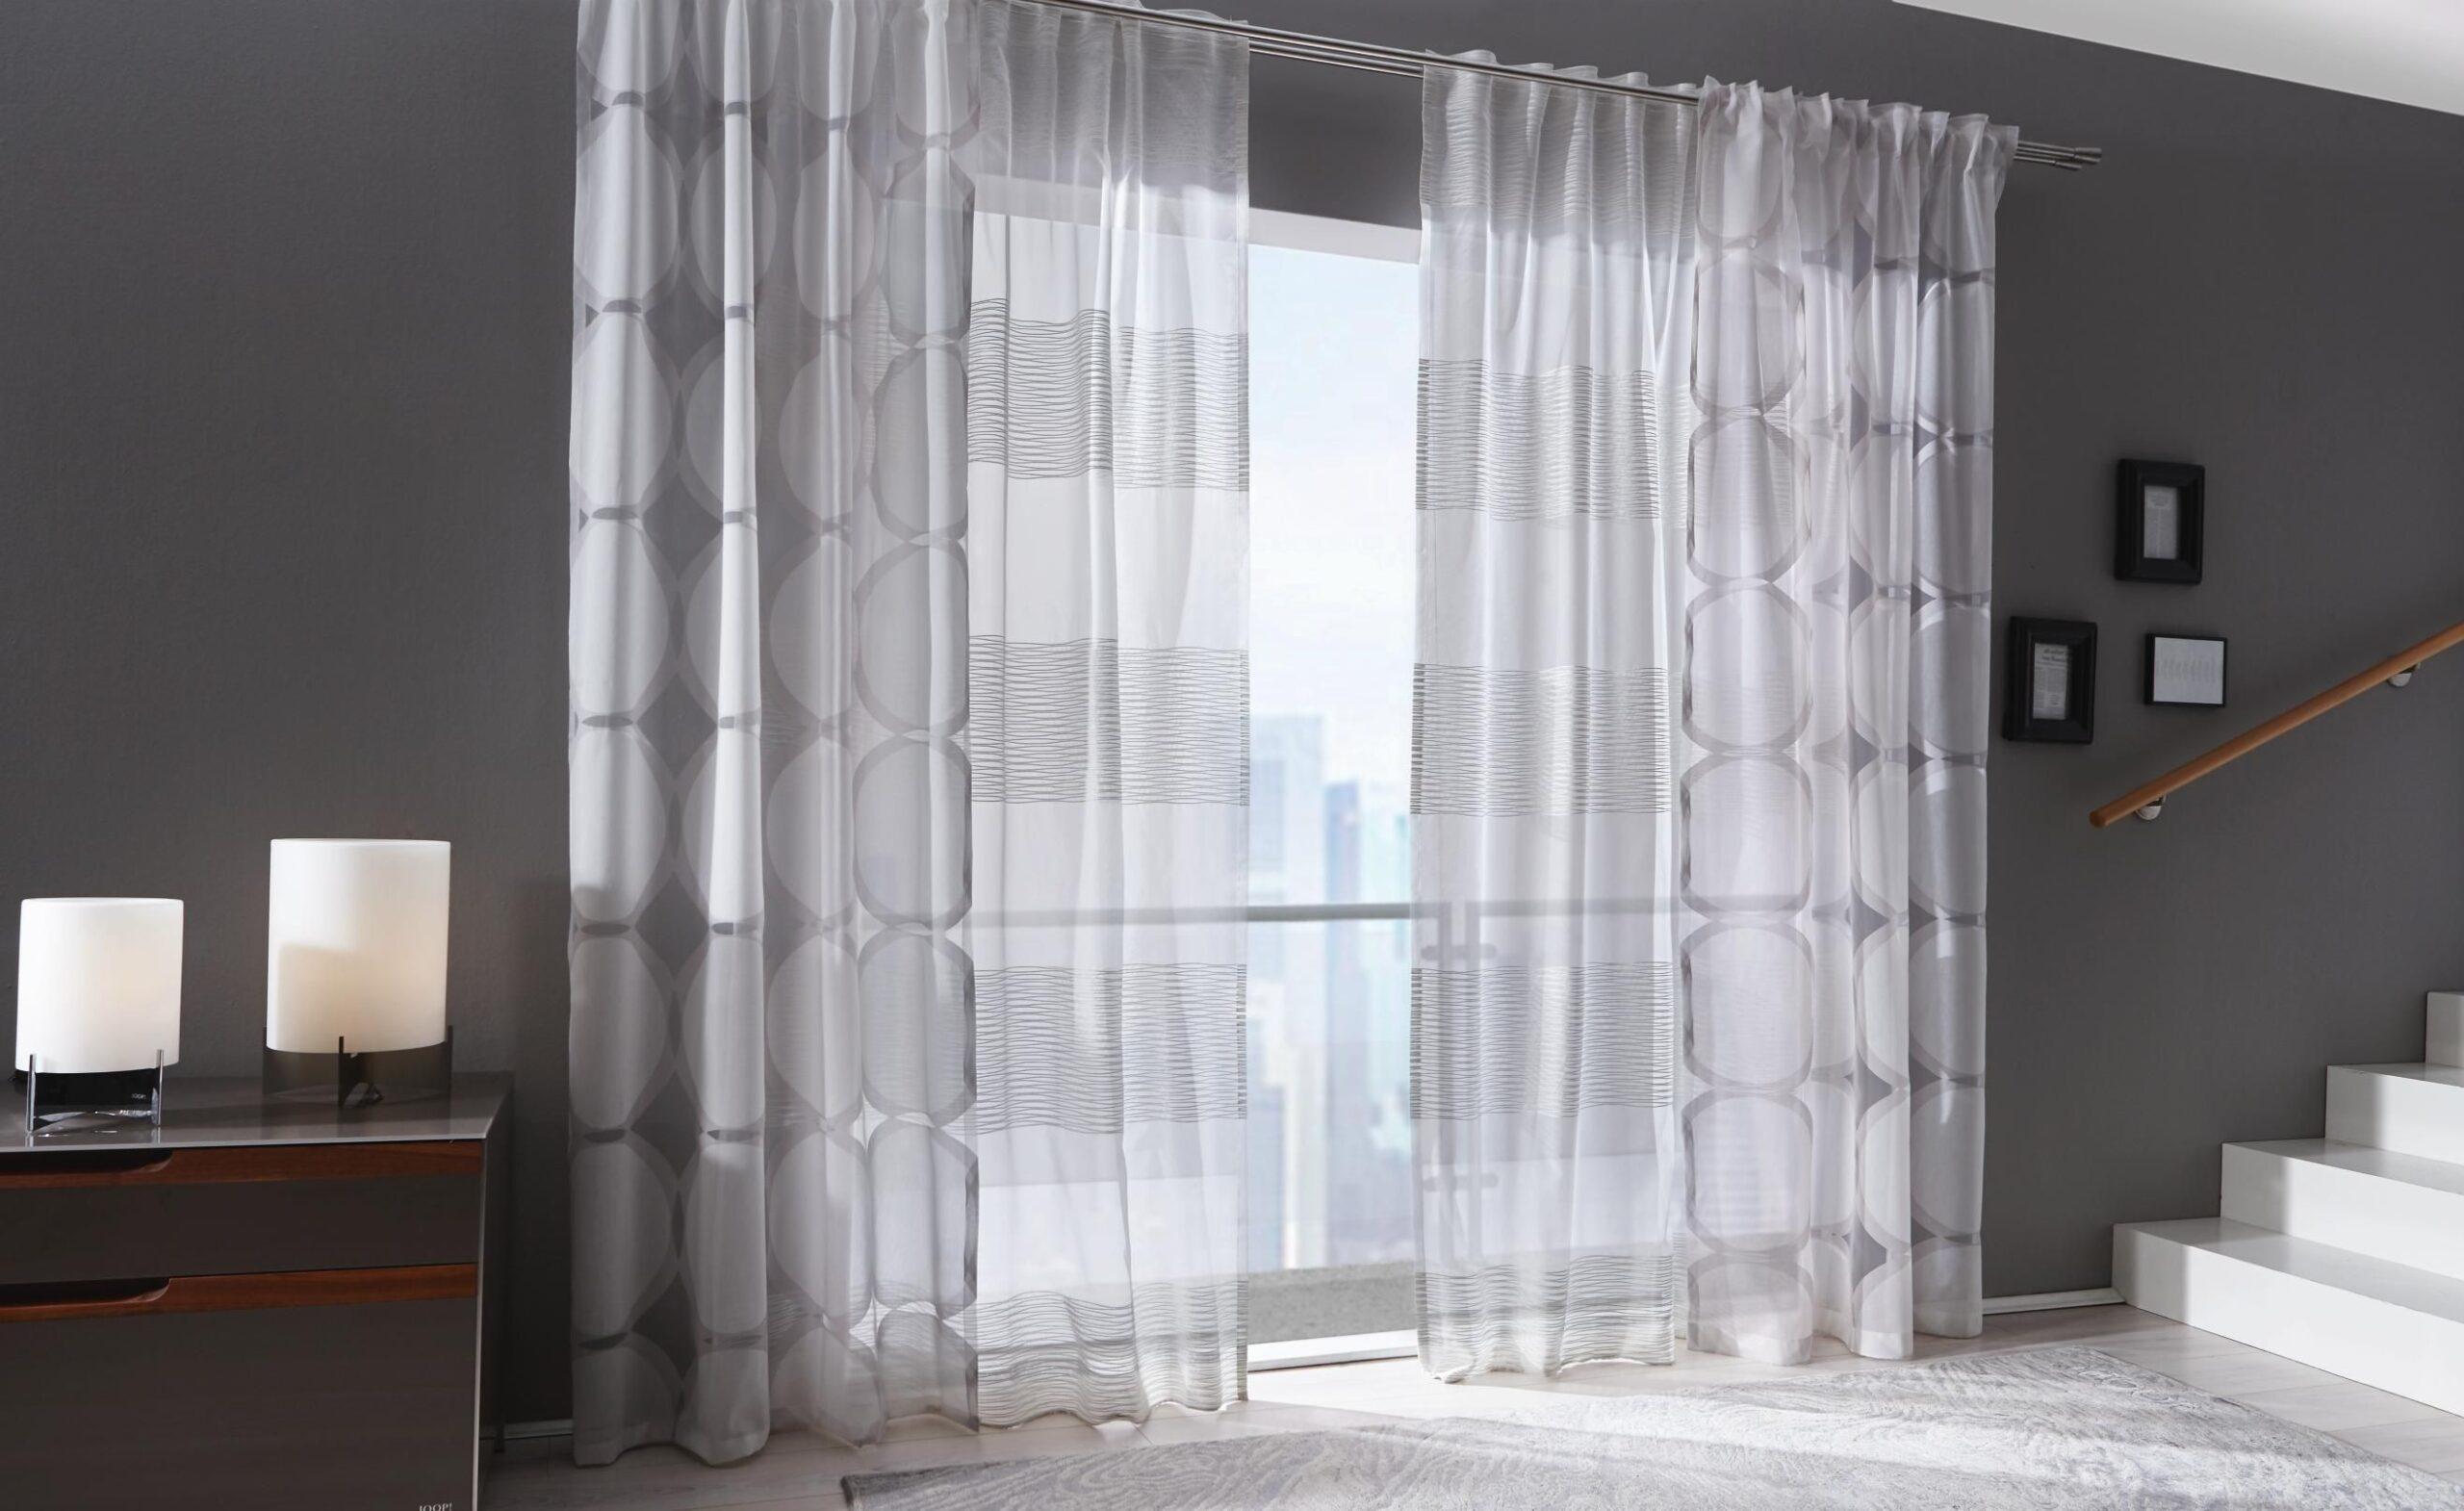 Full Size of Transparenter Vorhang Von Joop Eleganz Fr Ihre Wohnung Gardinen Für Die Küche Badezimmer Wohnzimmer Schlafzimmer Betten Fenster Wohnzimmer Joop Gardinen